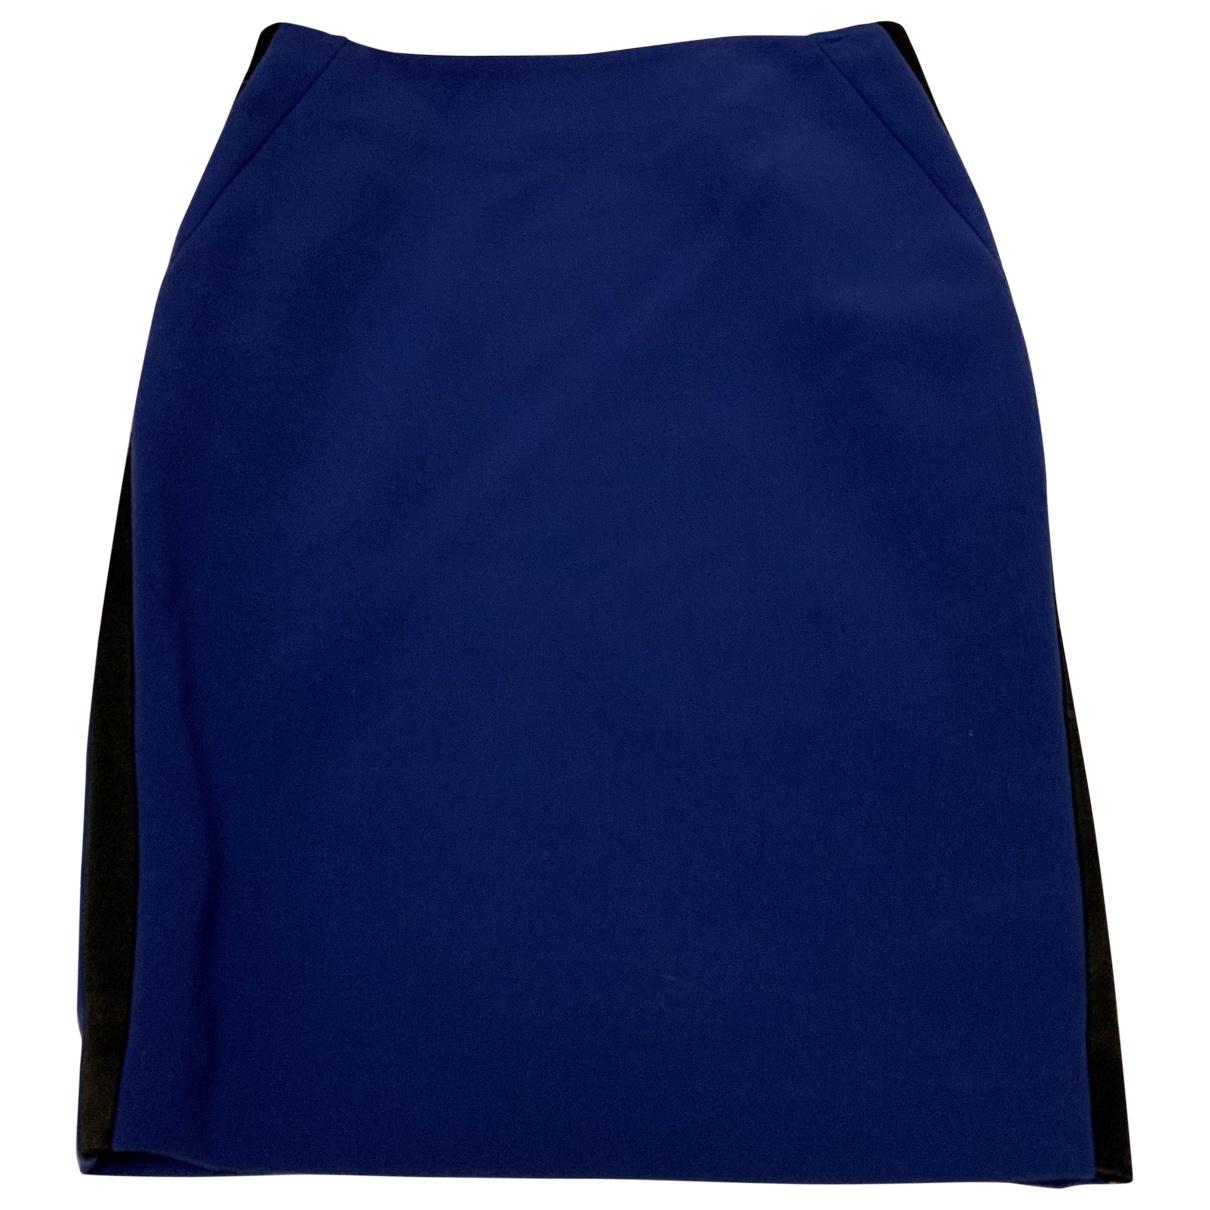 Sandro \N Blue Cotton skirt for Women M